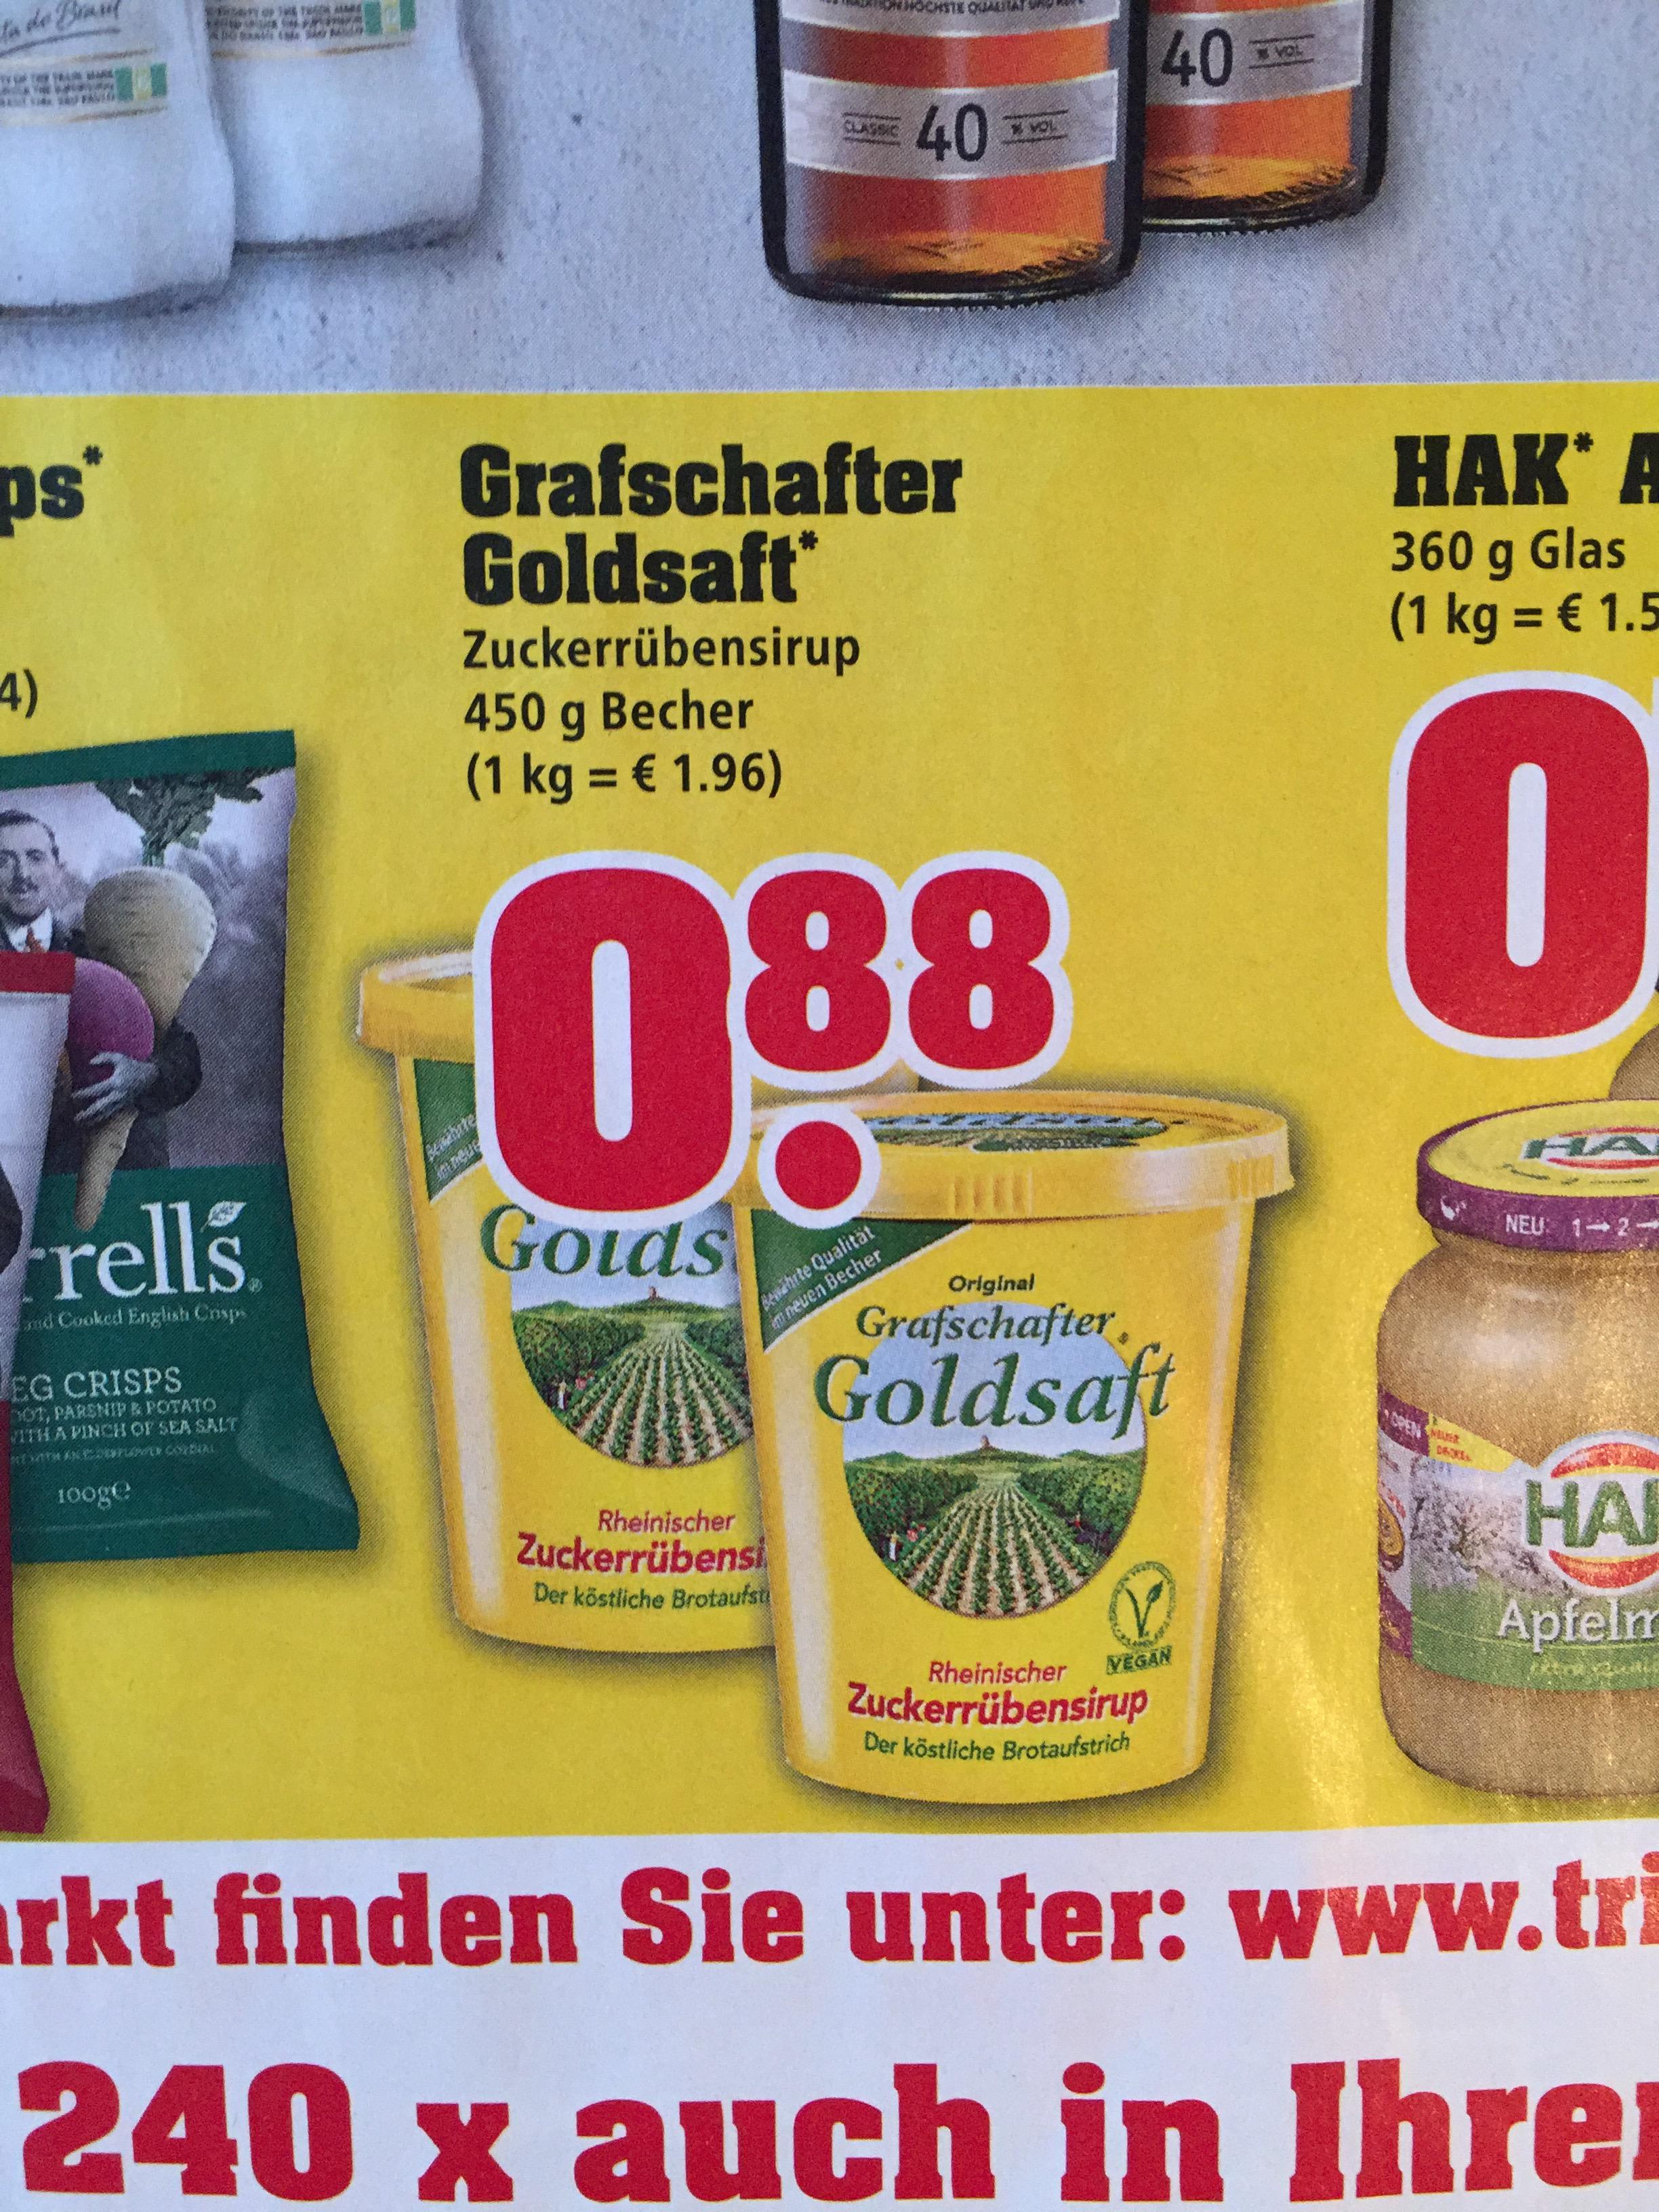 [trinkgut] Grafschafter Goldsaft Zuckerrübensirup / Rübenkraut für 88 Cent offline bei Trinkgut